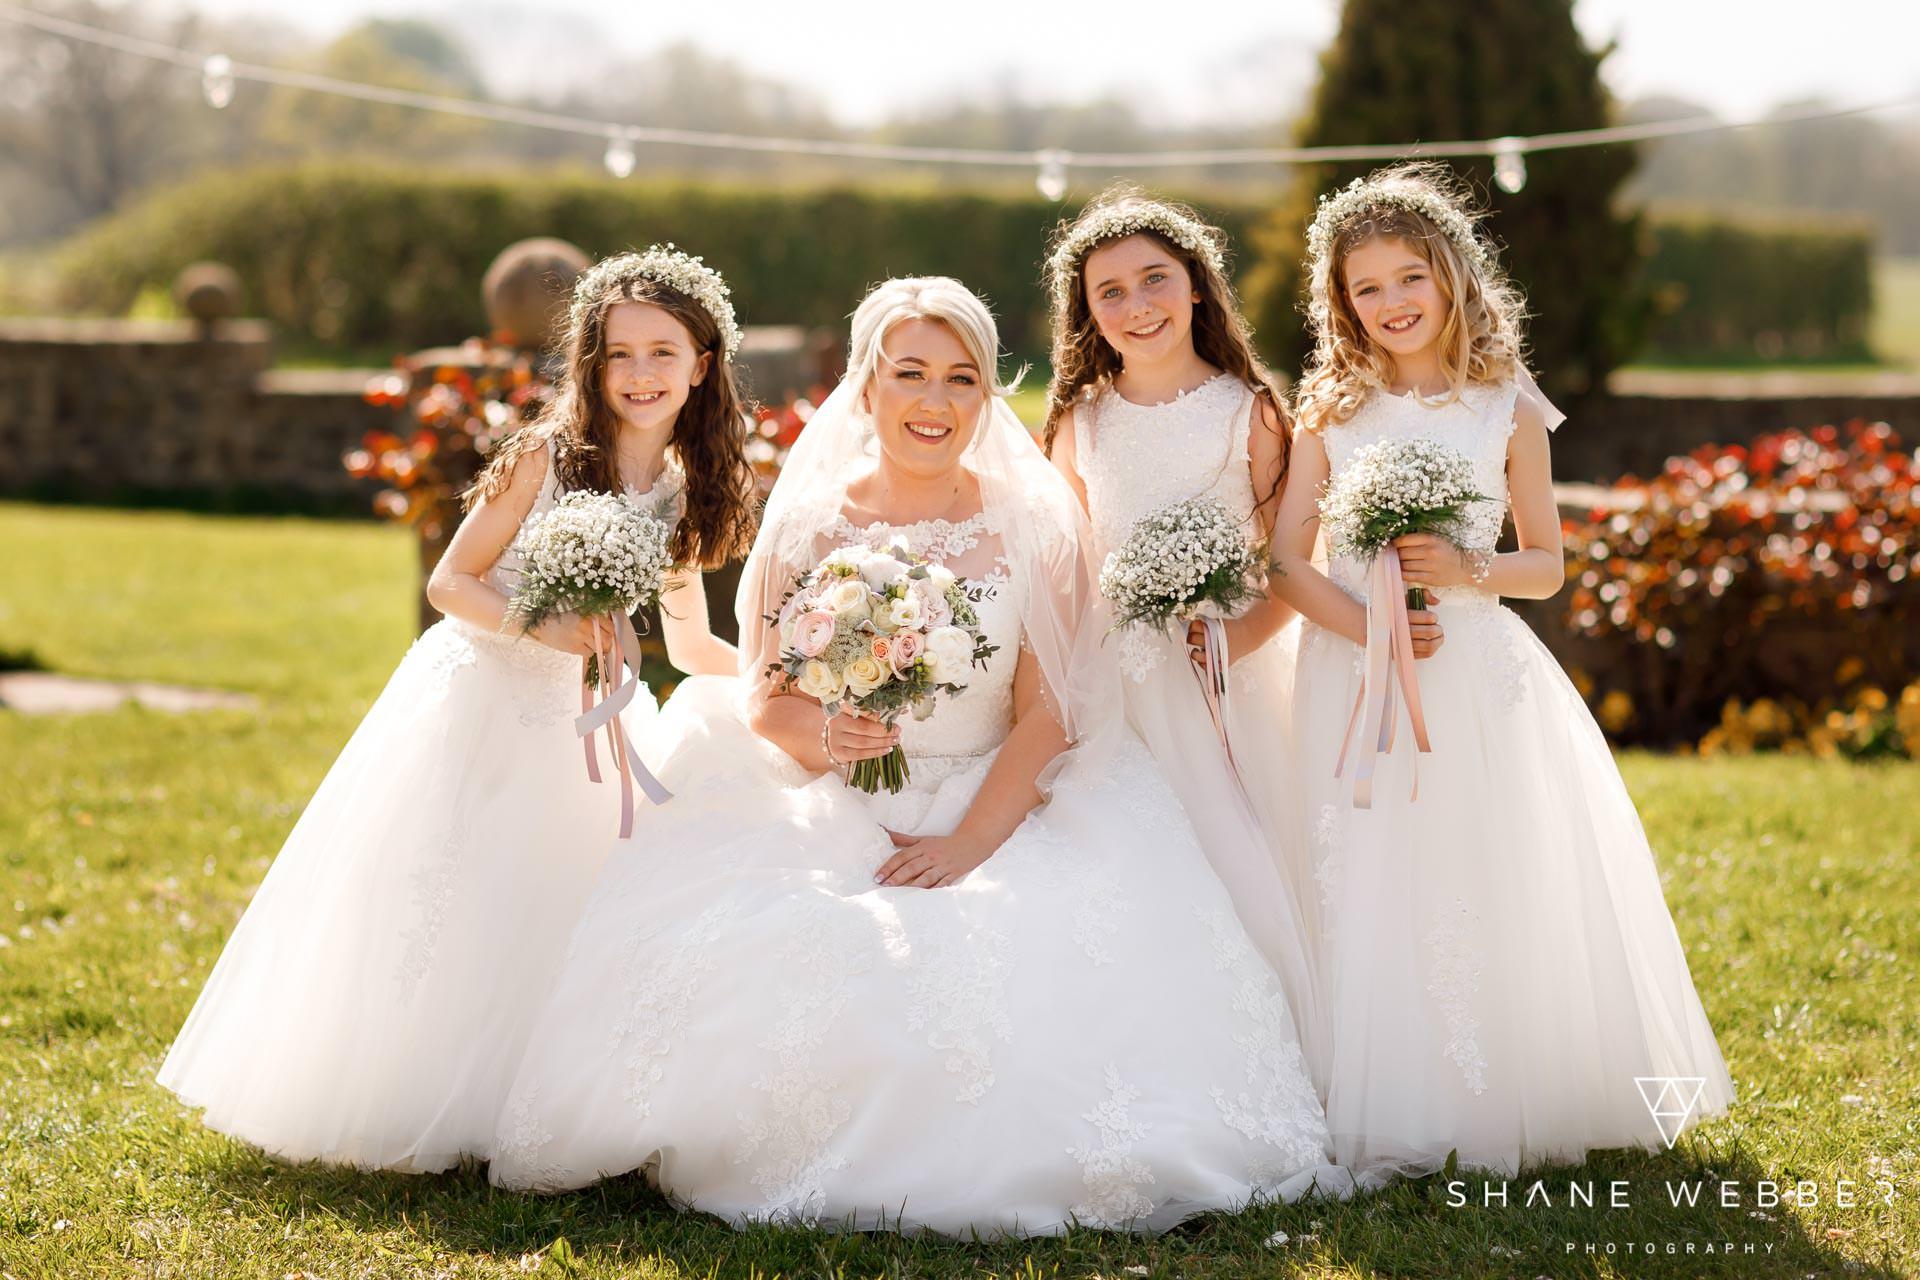 Choosing a top wedding photographer